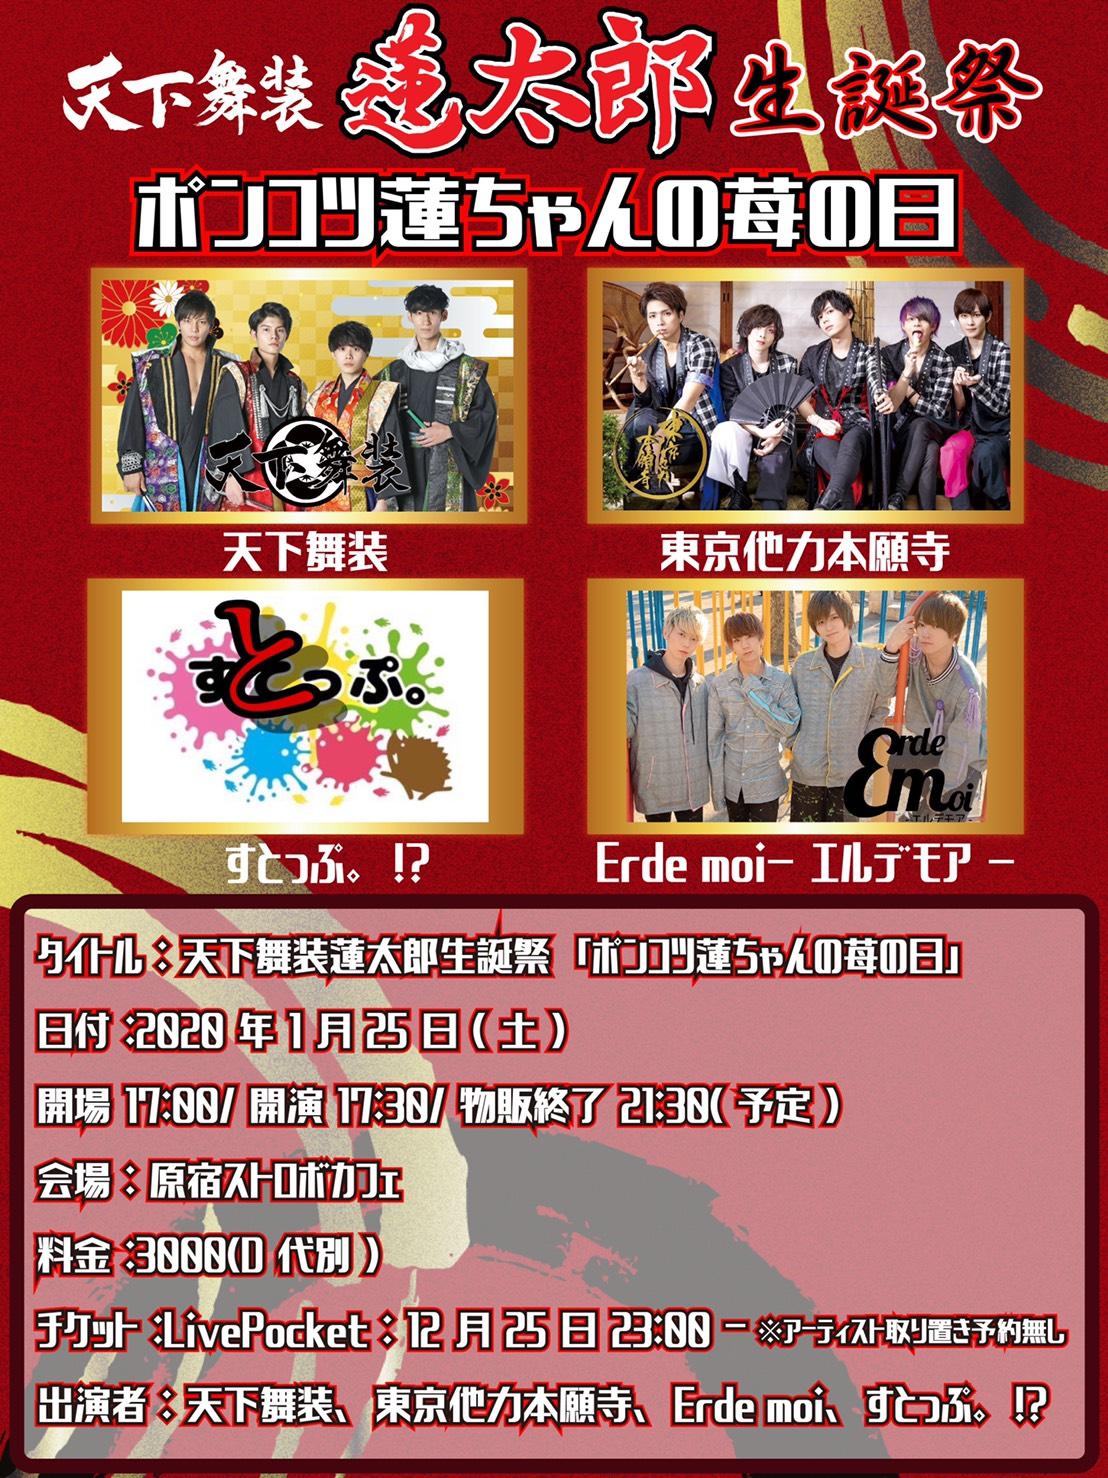 天下舞装蓮太郎生誕祭「ポンコツ蓮ちゃんの苺の日」